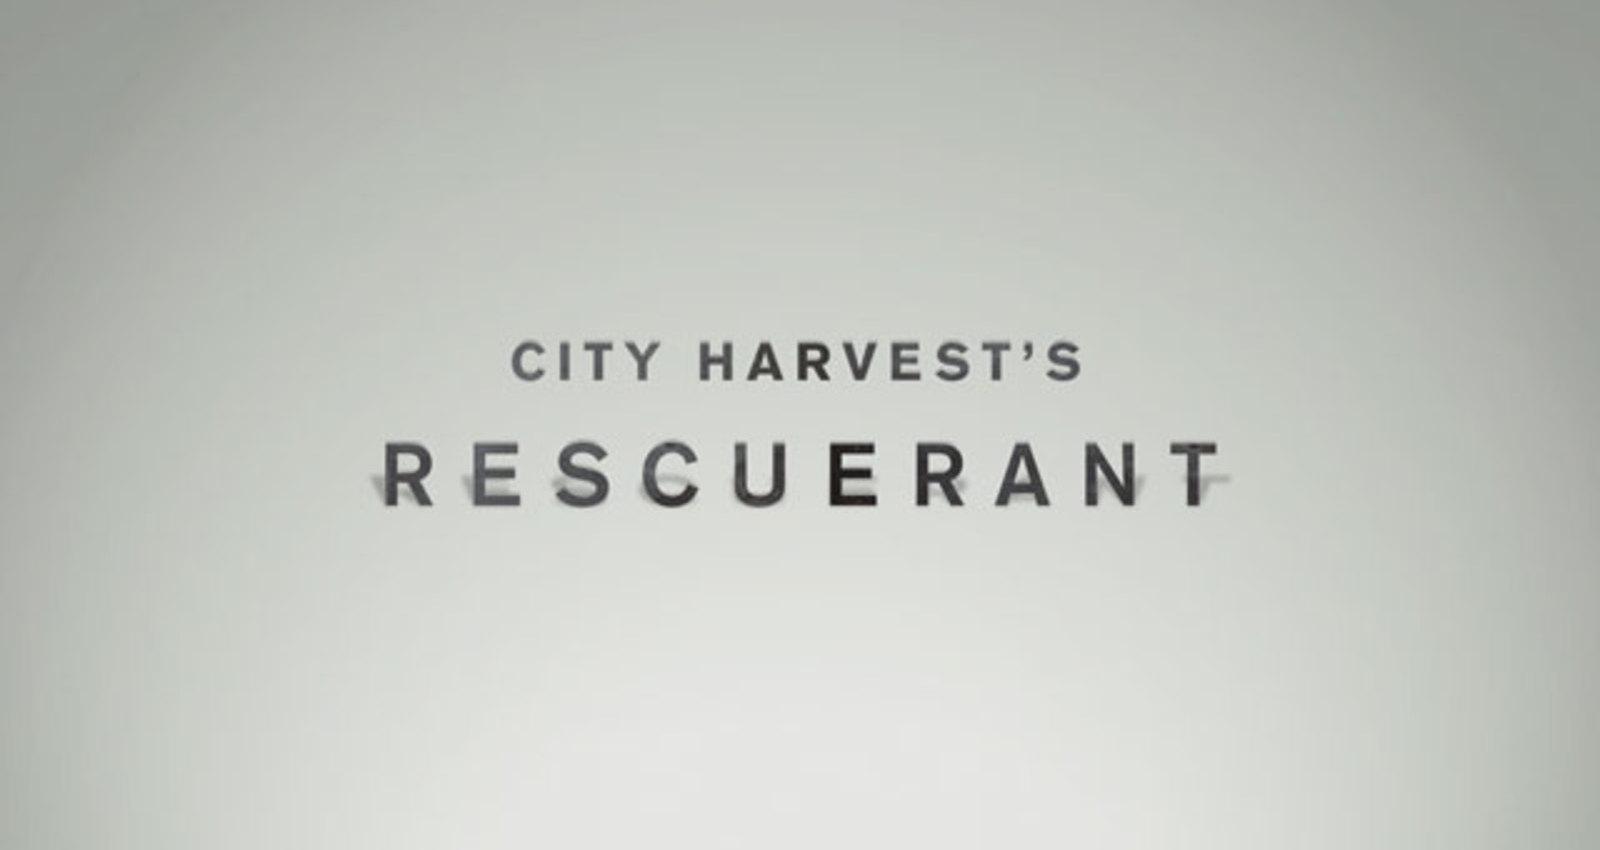 Rescuerant